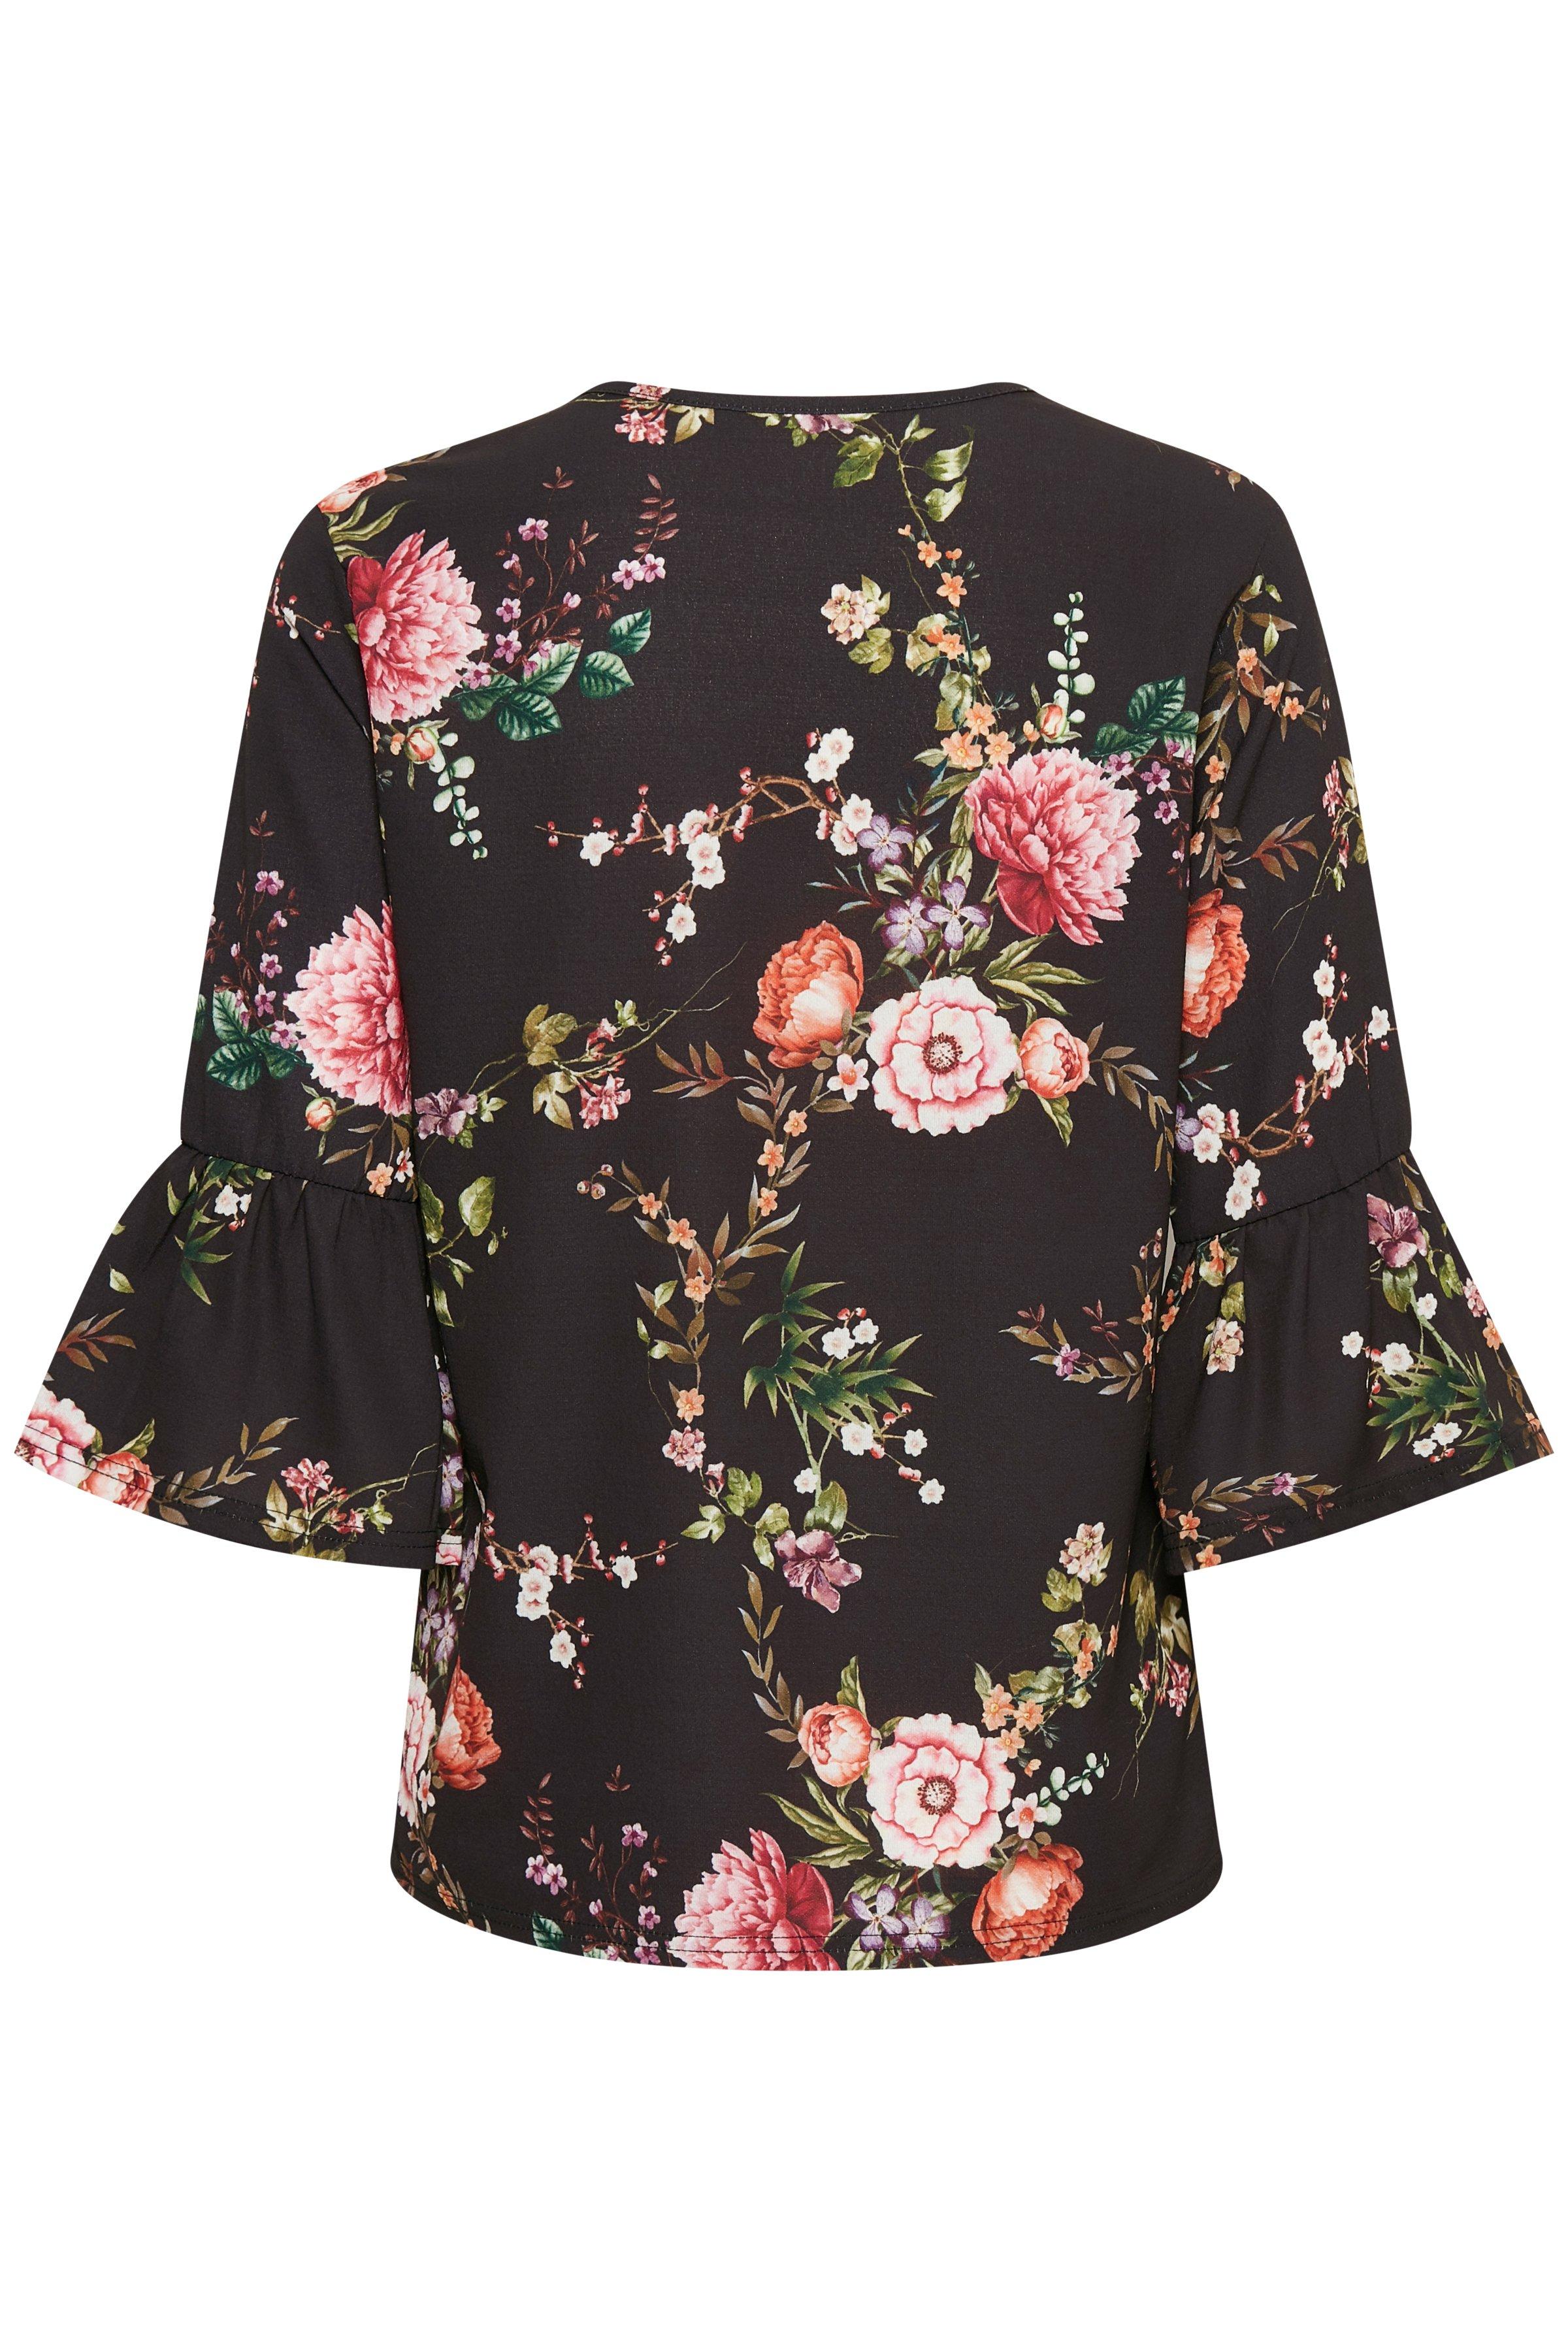 Schwarz/rosa Langarm-Bluse von Dranella – Shoppen Sie Schwarz/rosa Langarm-Bluse ab Gr. S-XXL hier